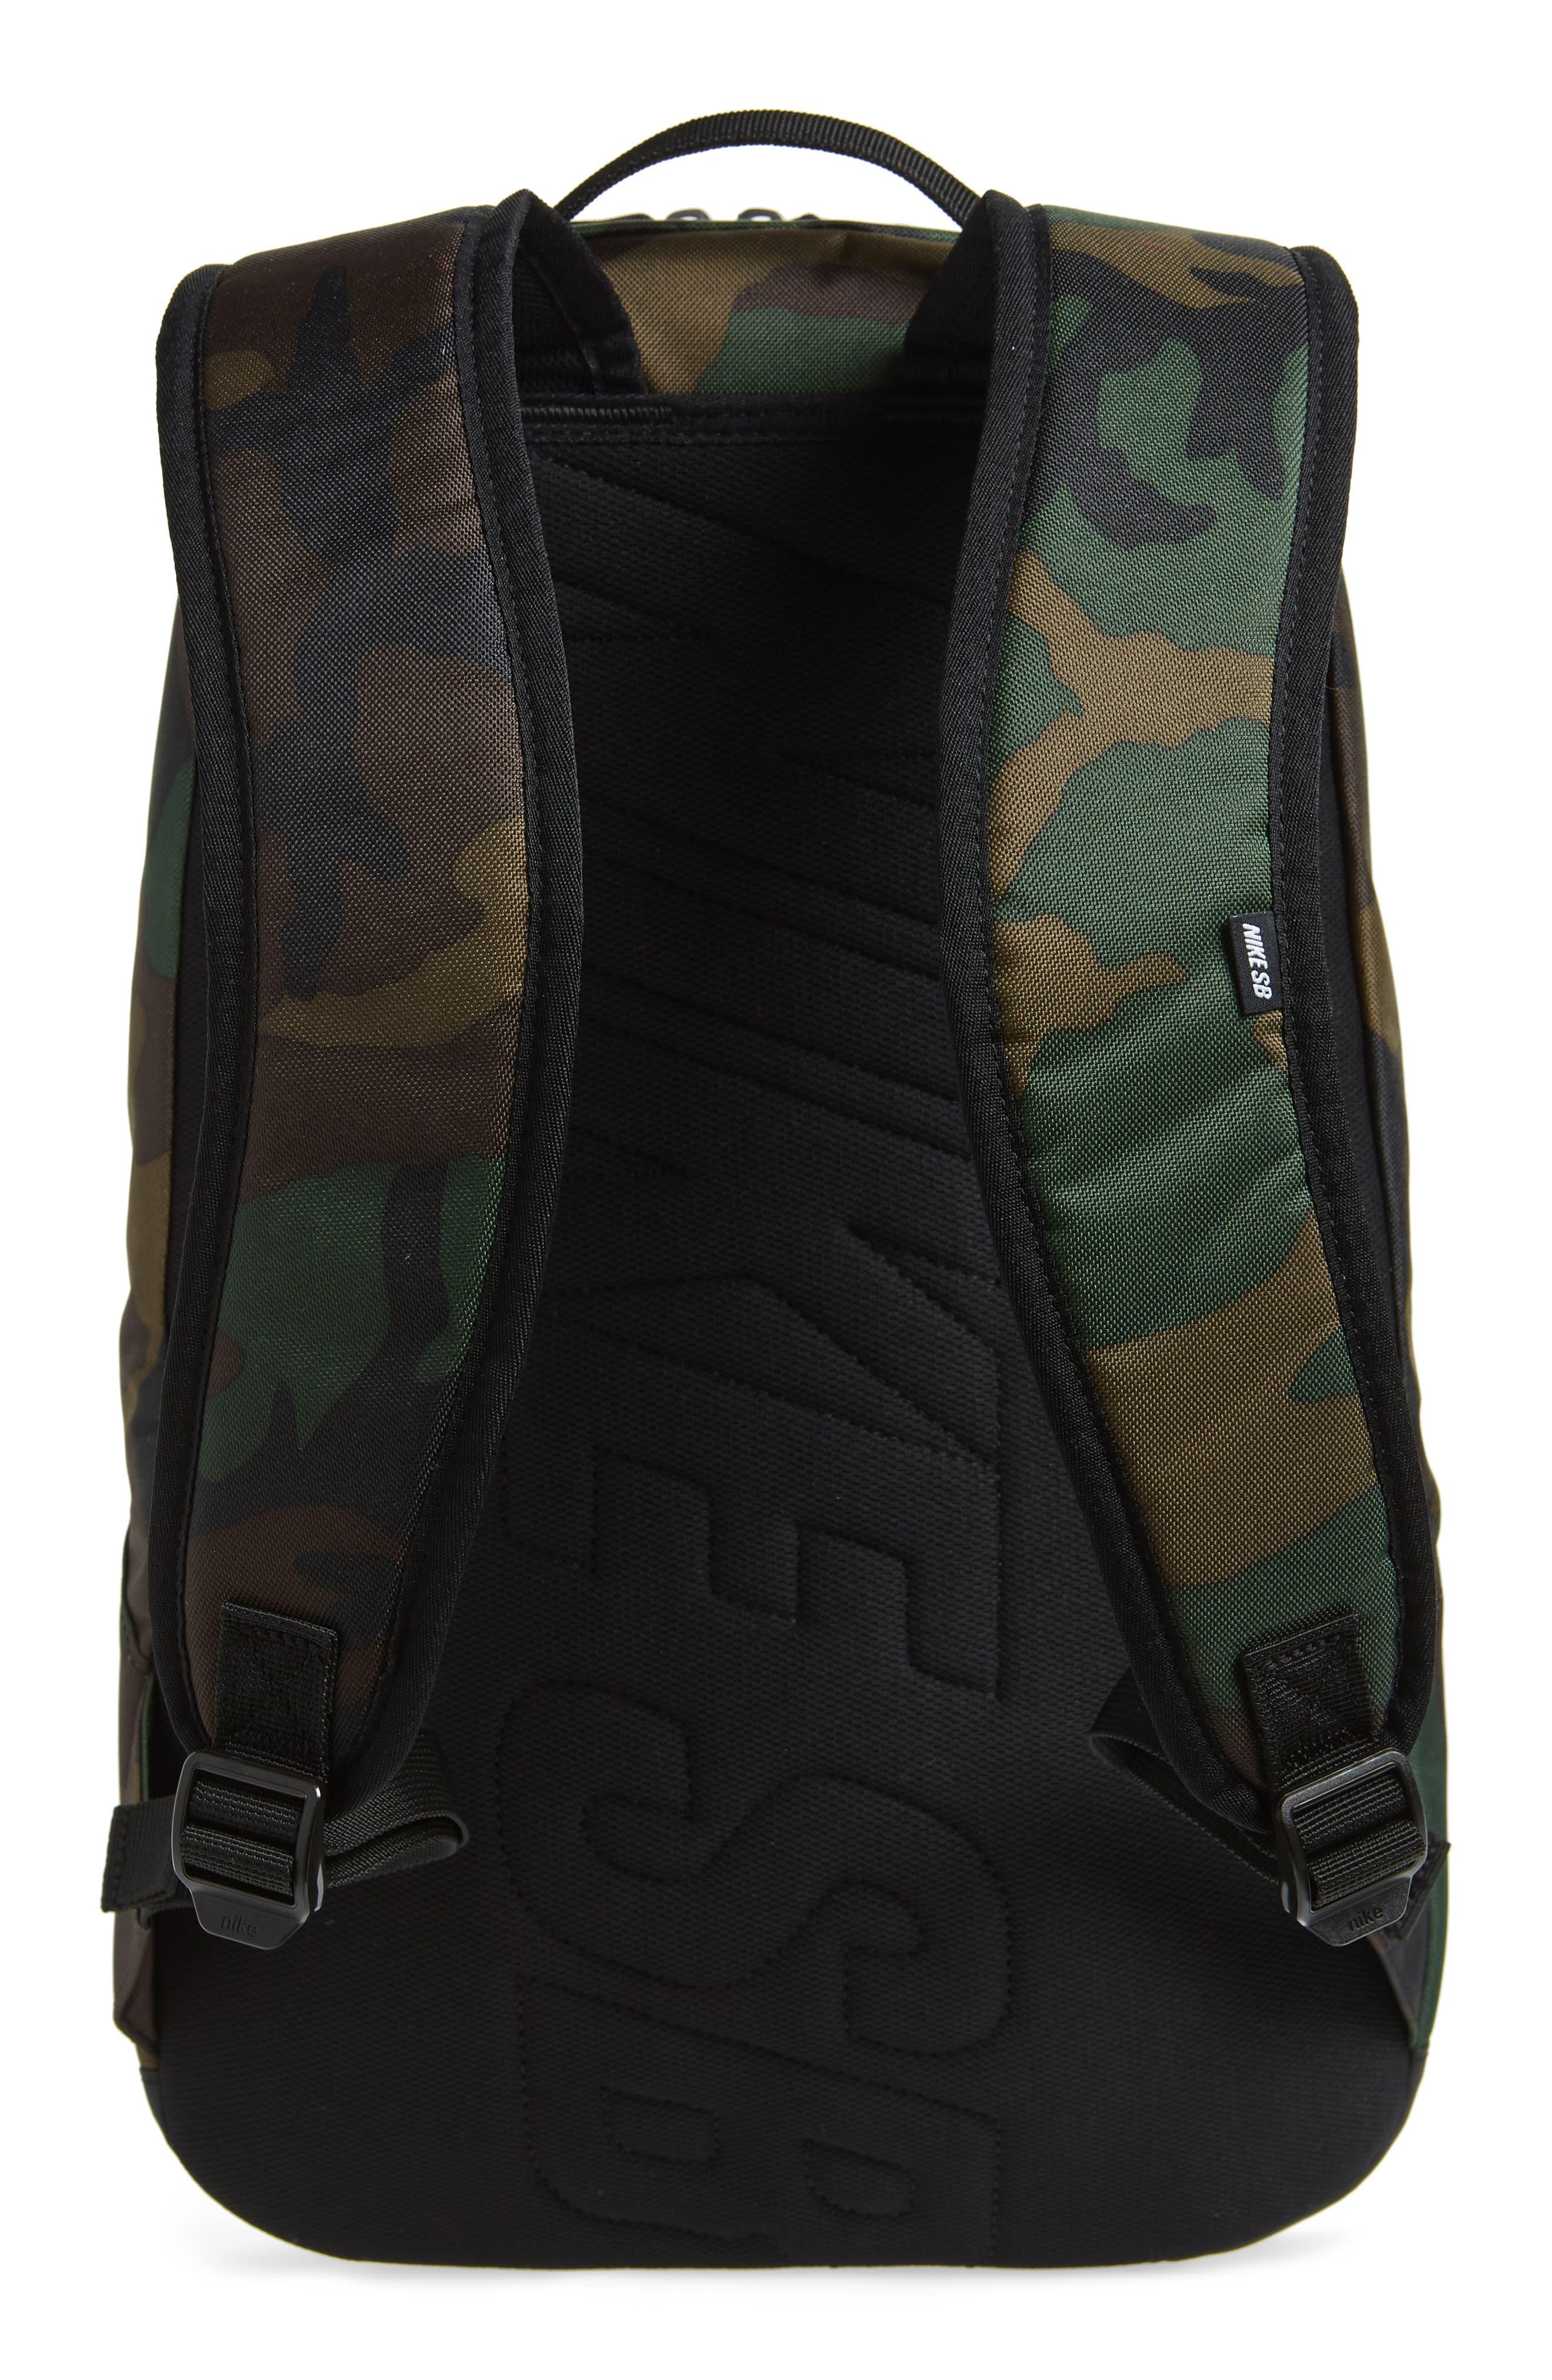 NIKE SB,                             Courthouse Backpack,                             Alternate thumbnail 3, color,                             IGUANA/ BLACK/ WHITE